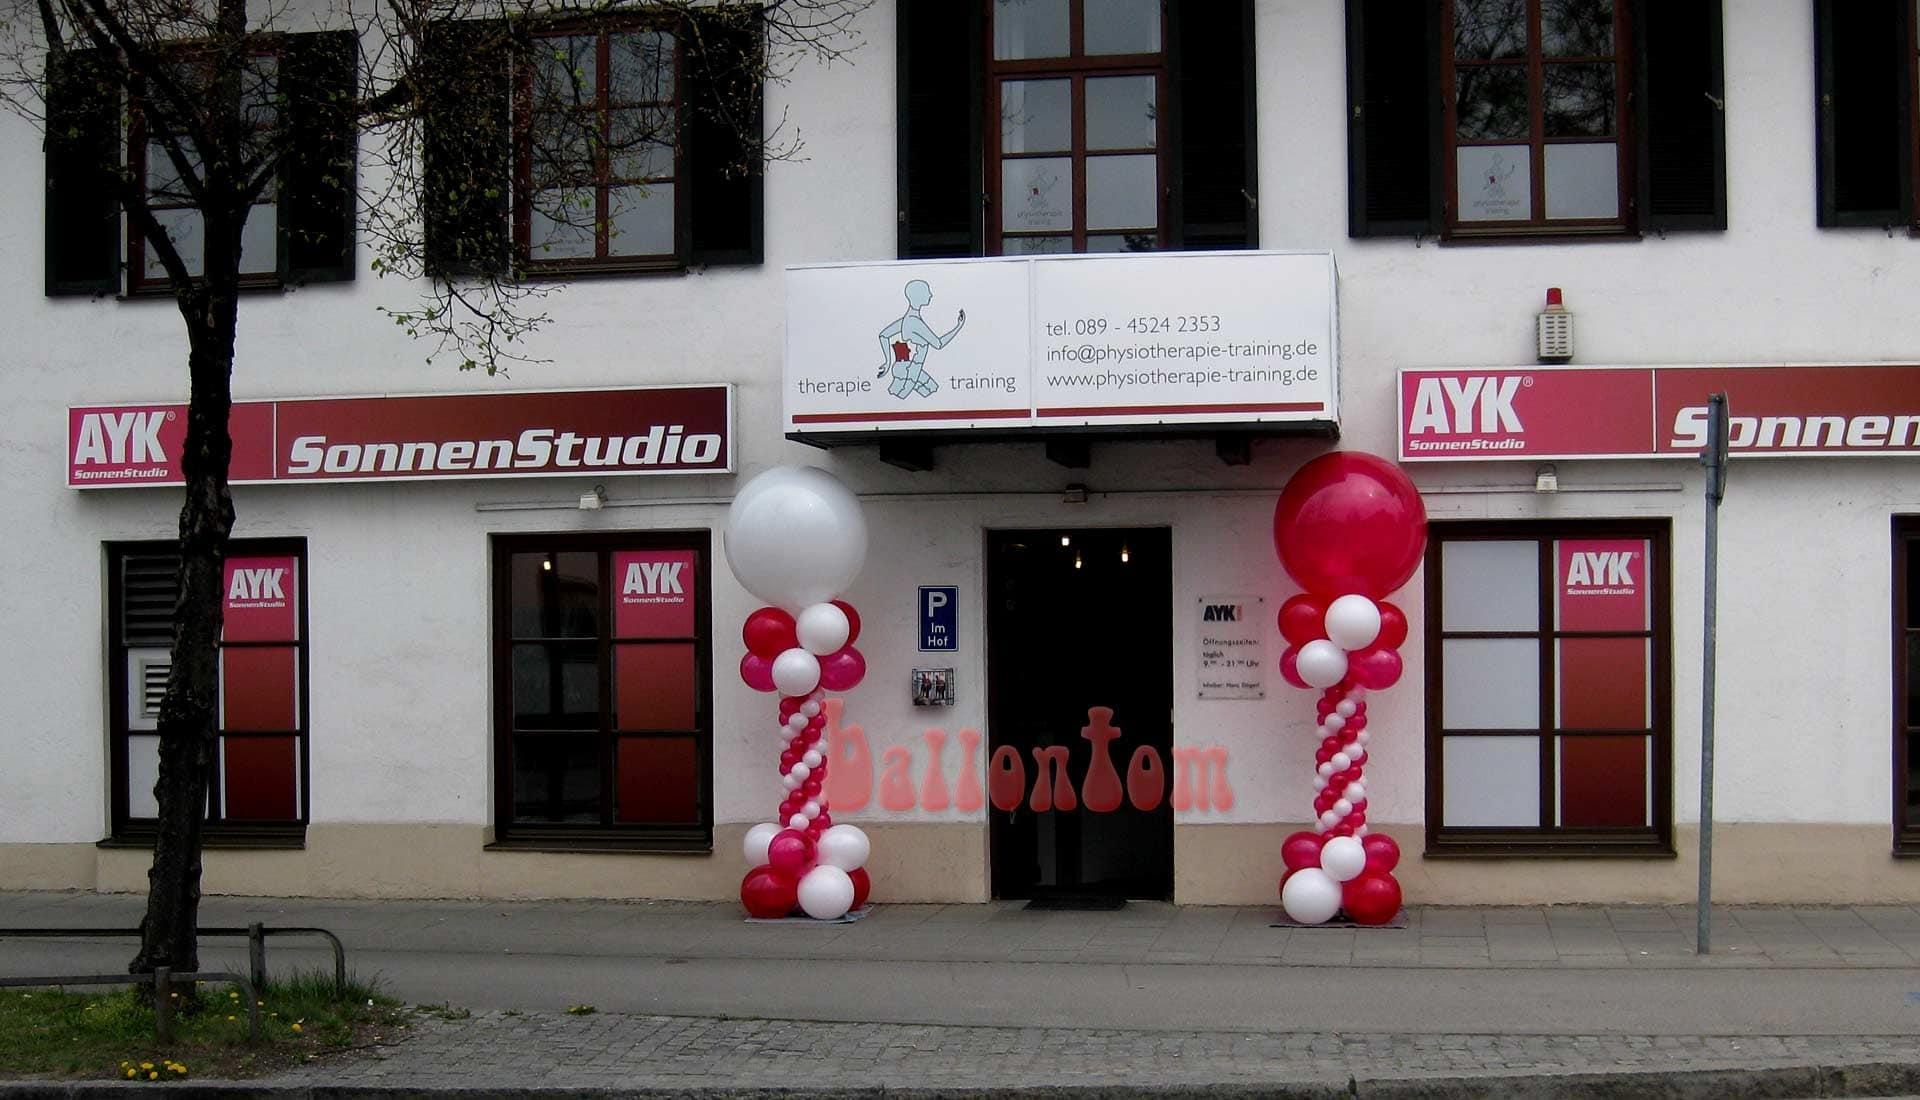 Ballonsäule für ein Sonnenstudio in Taufkirchen